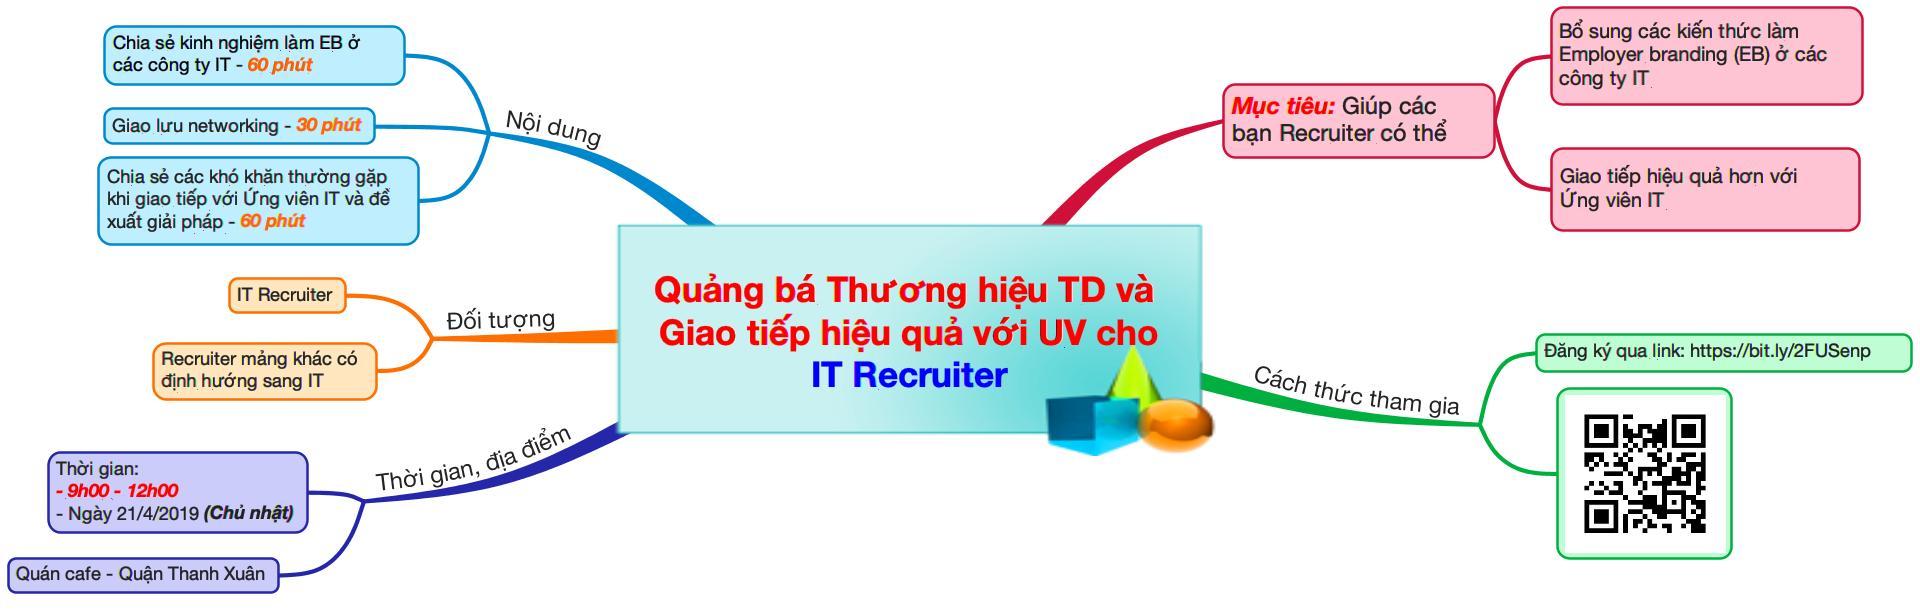 [Hà Nội] Cafe Sharing – Quảng bá thương hiệu tuyển dụng & Giao tiếp hiệu quả với ứng viên IT